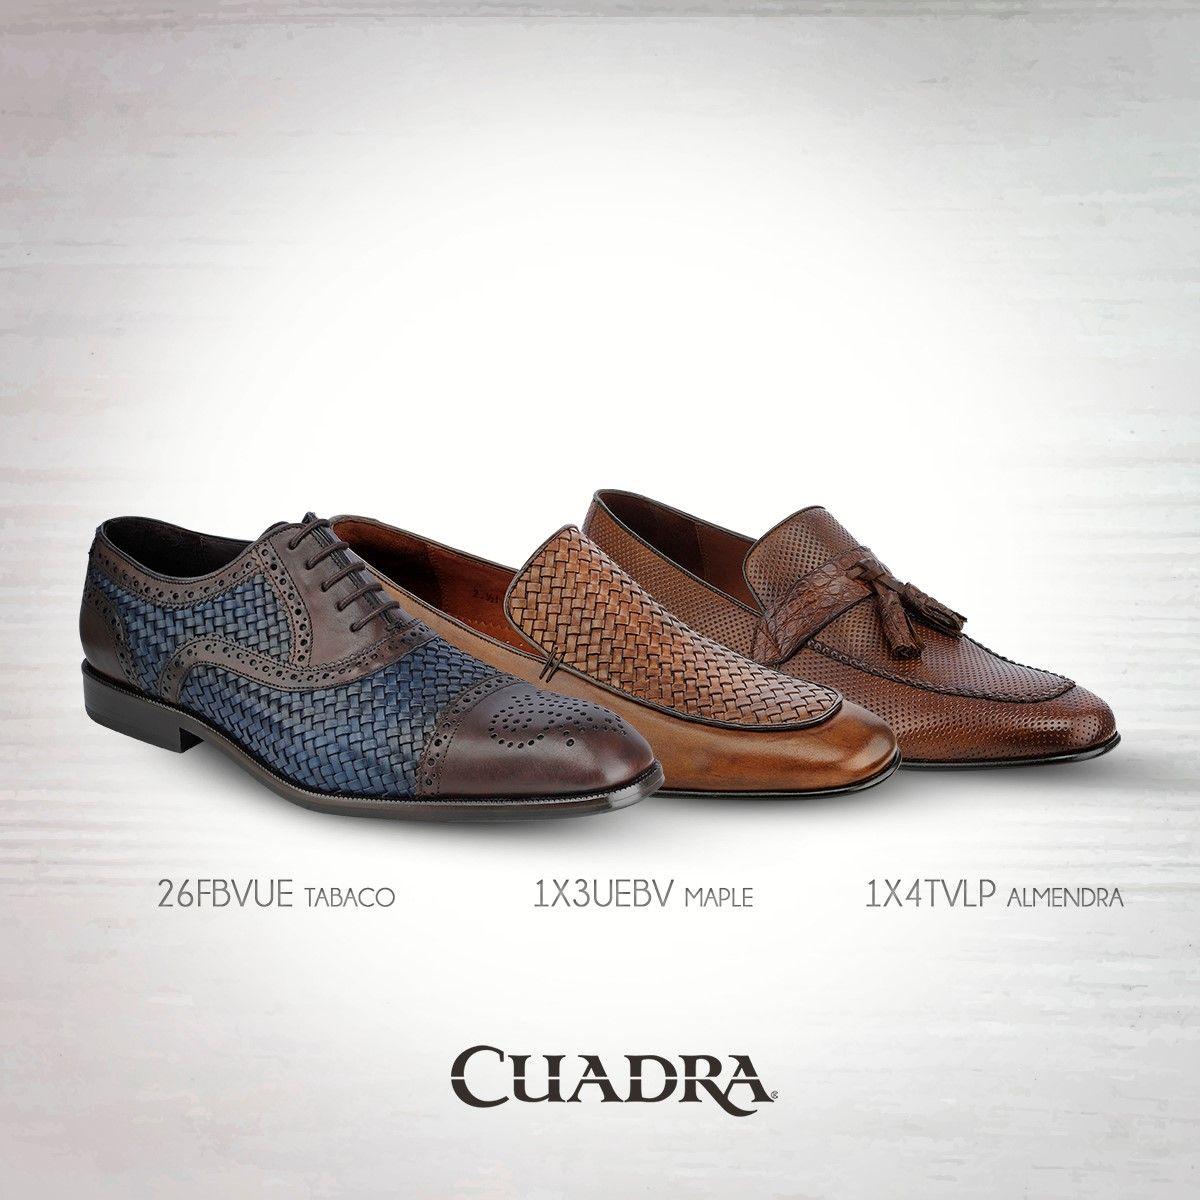 2ab46f2cf35 Elegancia al estilo   FrancoCUADRA  Shoes  CUADRA  Zapatos  Calzado   Leather  Confort  Style